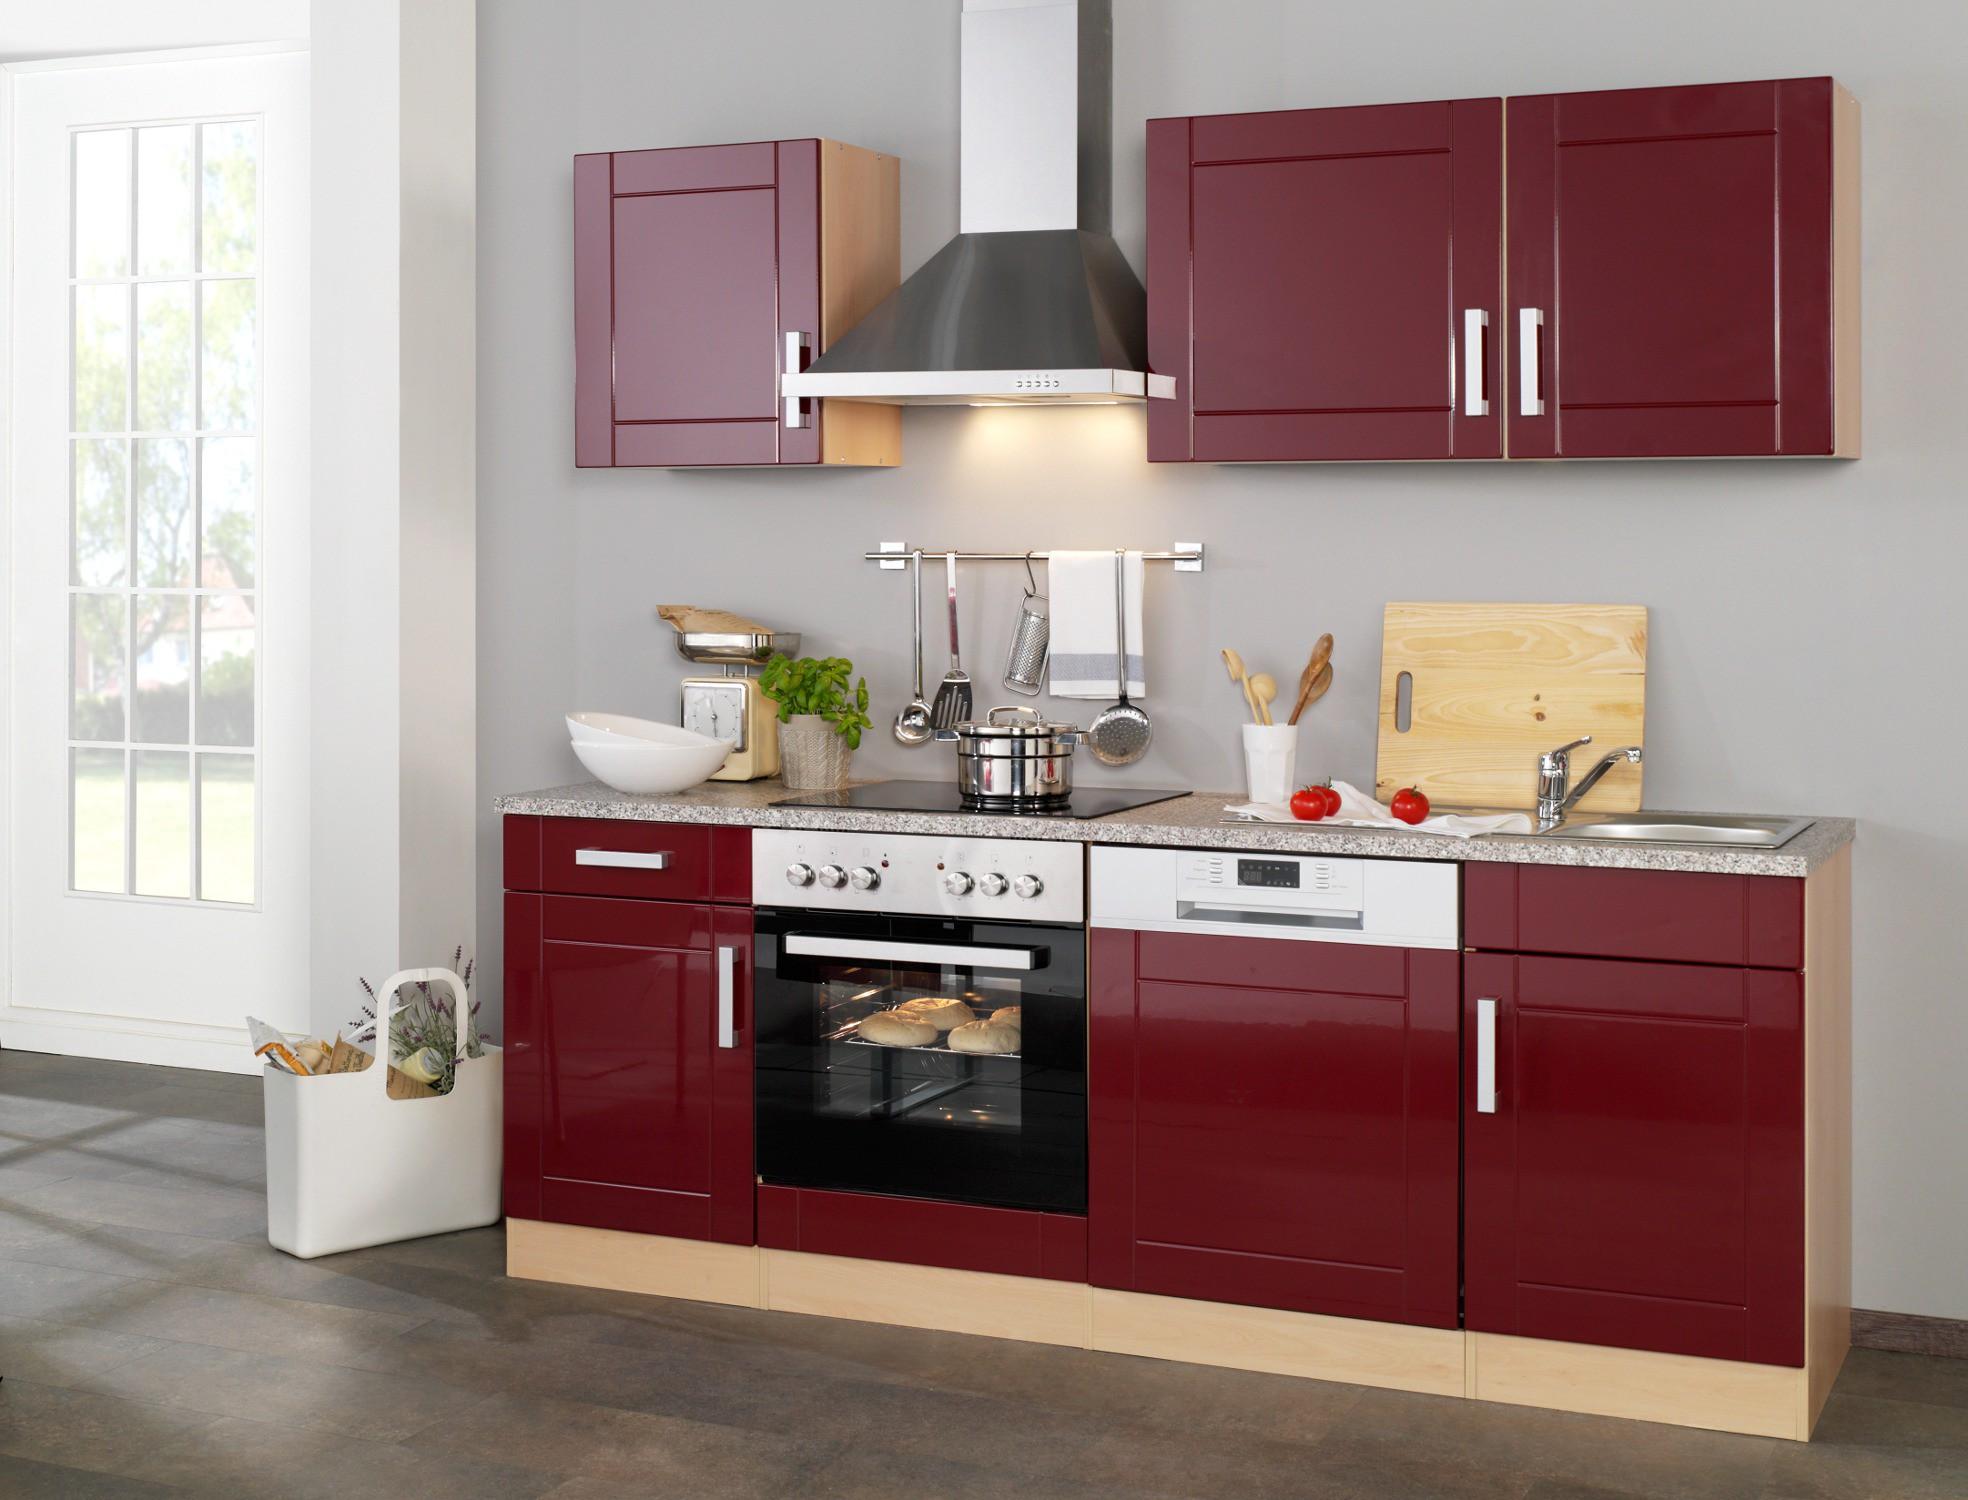 Full Size of Einbauküche Günstig Einbauküche Günstig Kaufen Gebrauchte Einbauküche Günstig Kaufen Kleine Einbauküche Günstig Küche Einbauküche Günstig